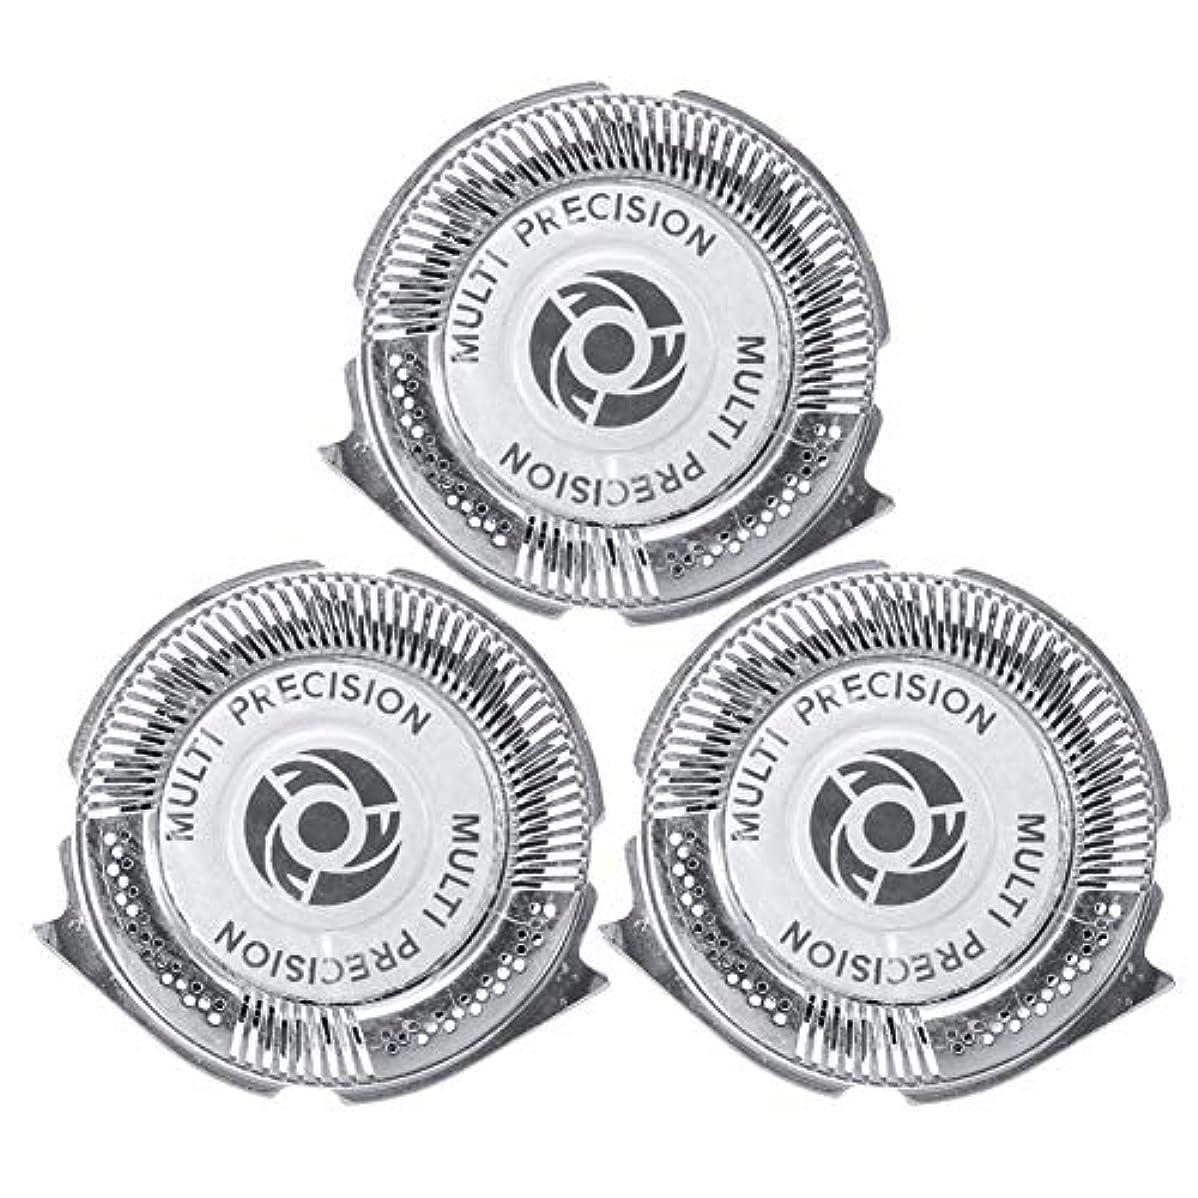 バウンド圧力低いシェーバー ヘッド 替刃 シェーバーカミソリヘッド交換替え刃 替刃3個入り Philips Series 5000 Shaver SH50/51/52 HQ8に適用